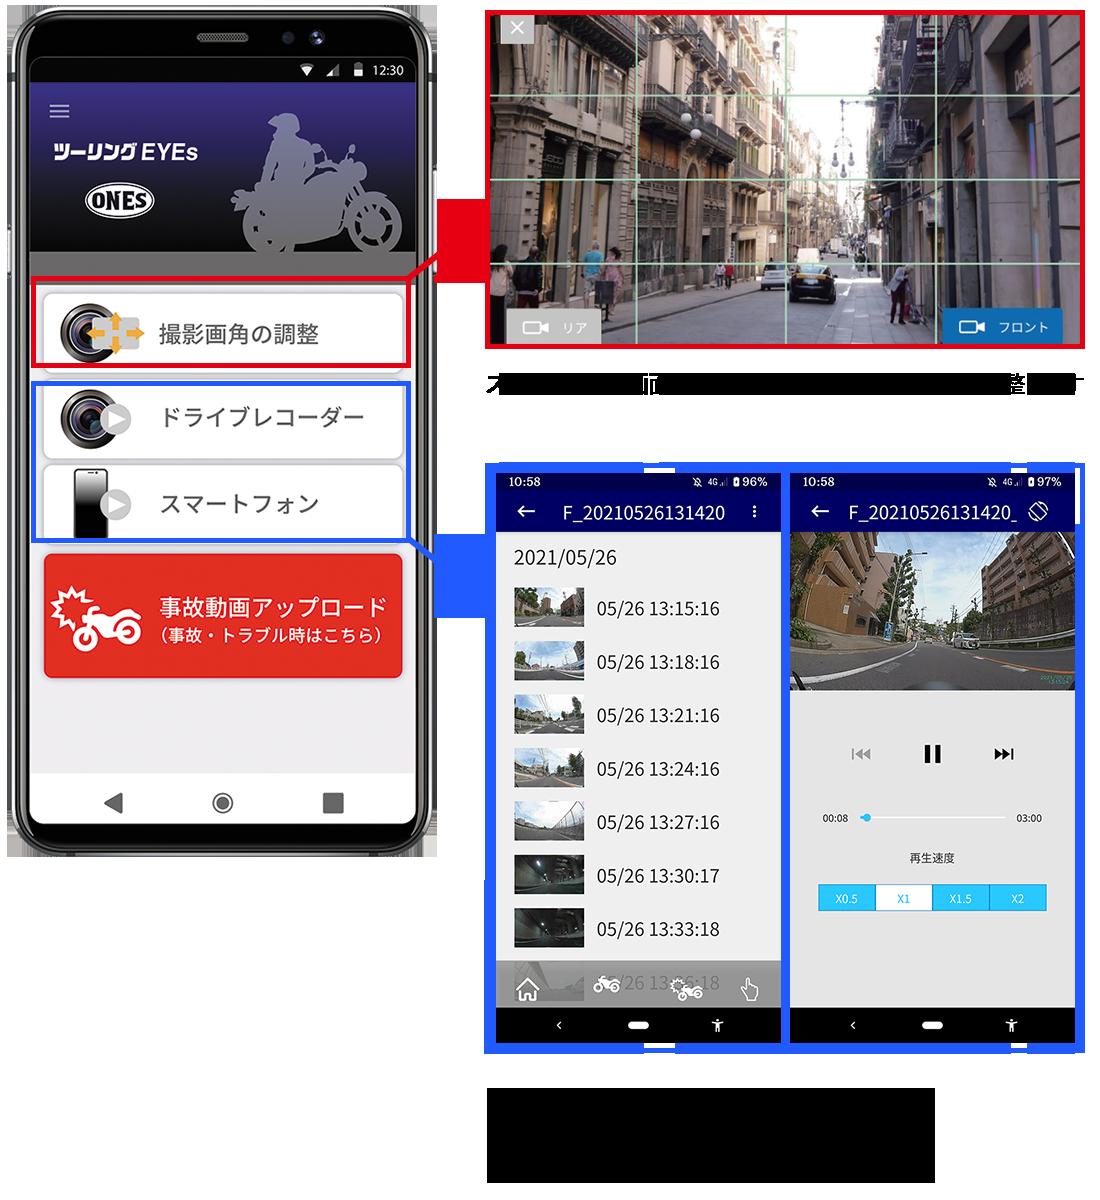 無線LAN&無料の専用スマートフォンアプリの使い方